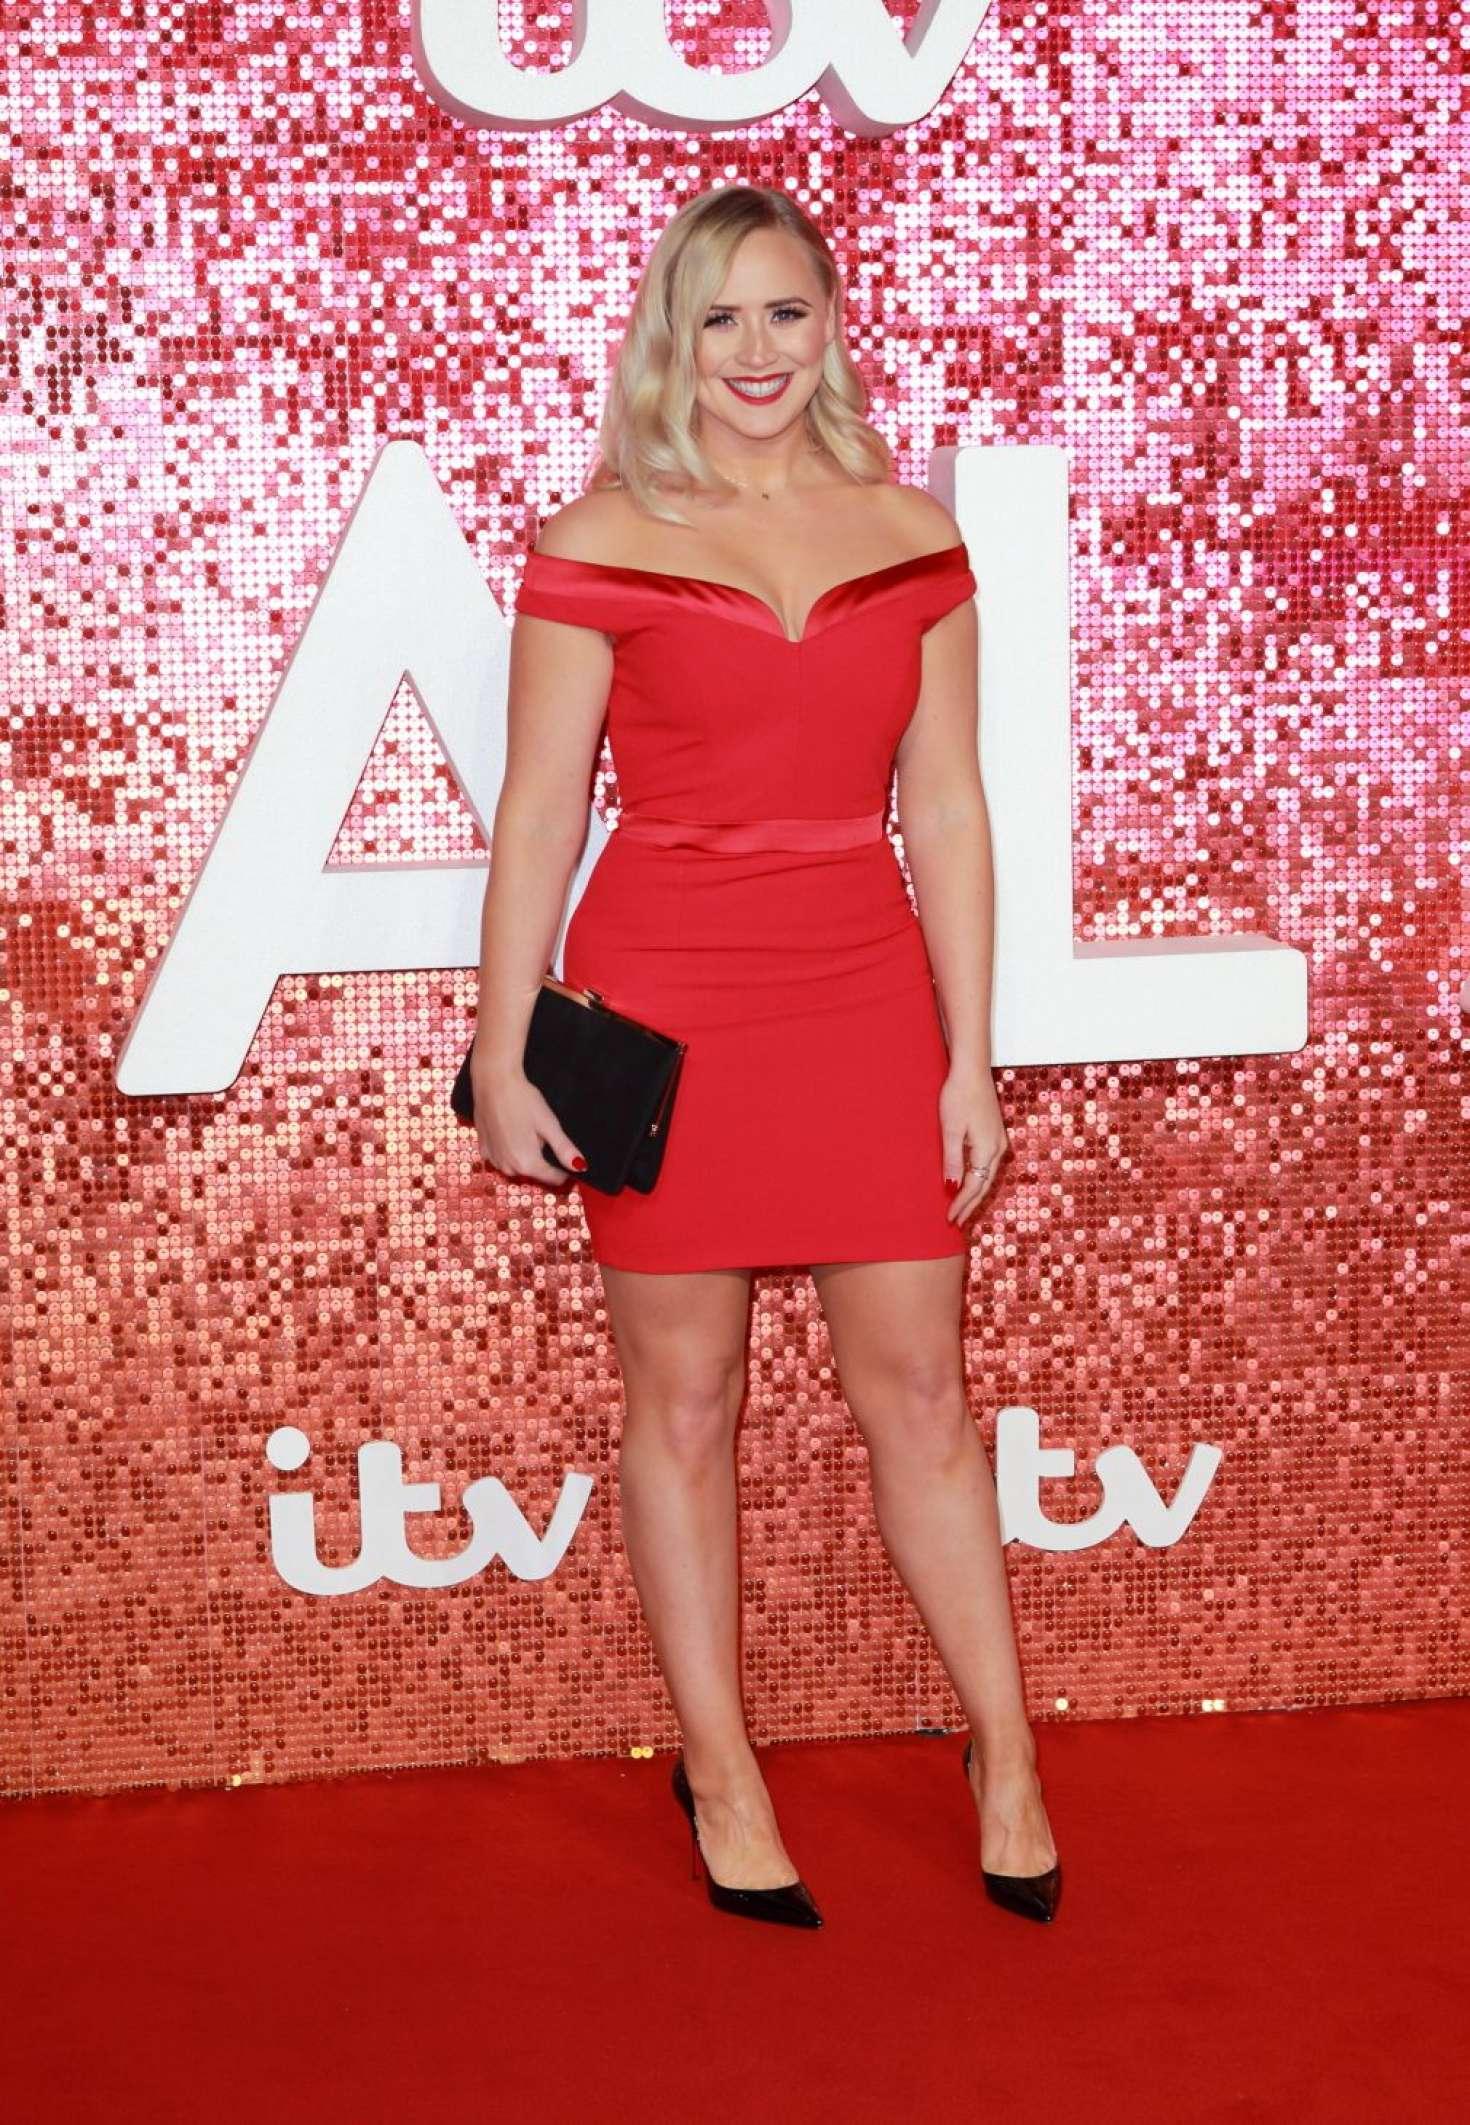 Amy Walsh 2017 : Amy Walsh: 2017 ITV Gala Ball -06